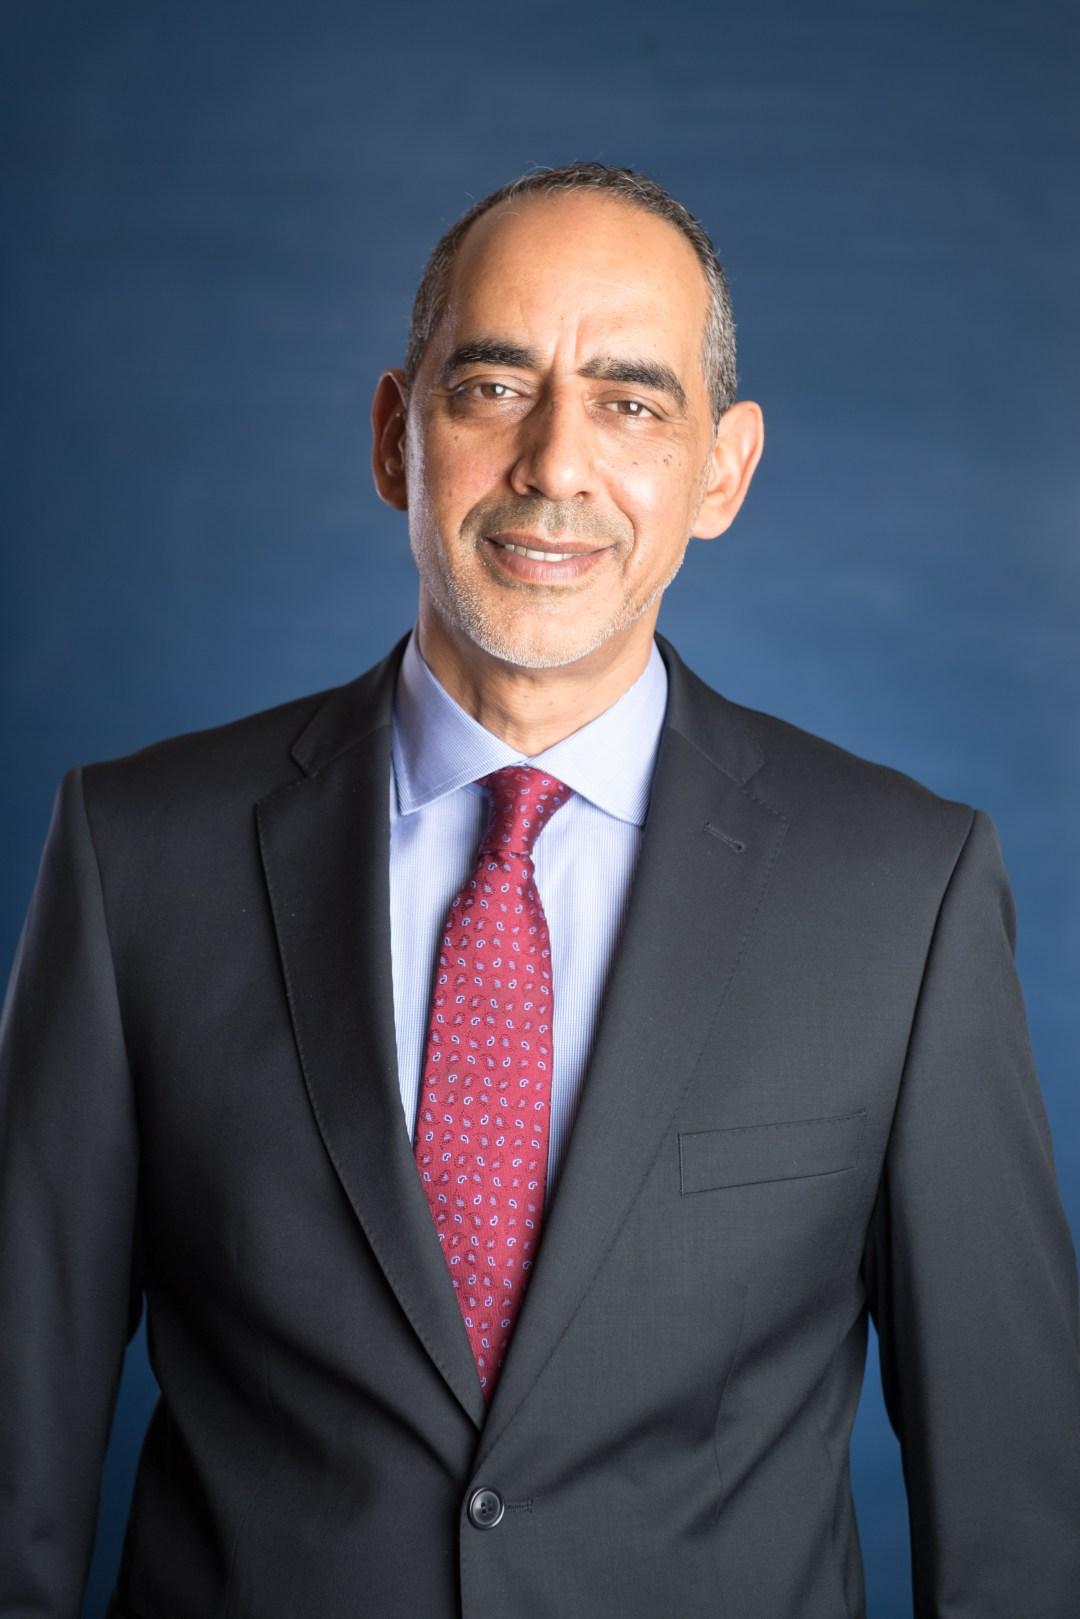 Tarik Yousef